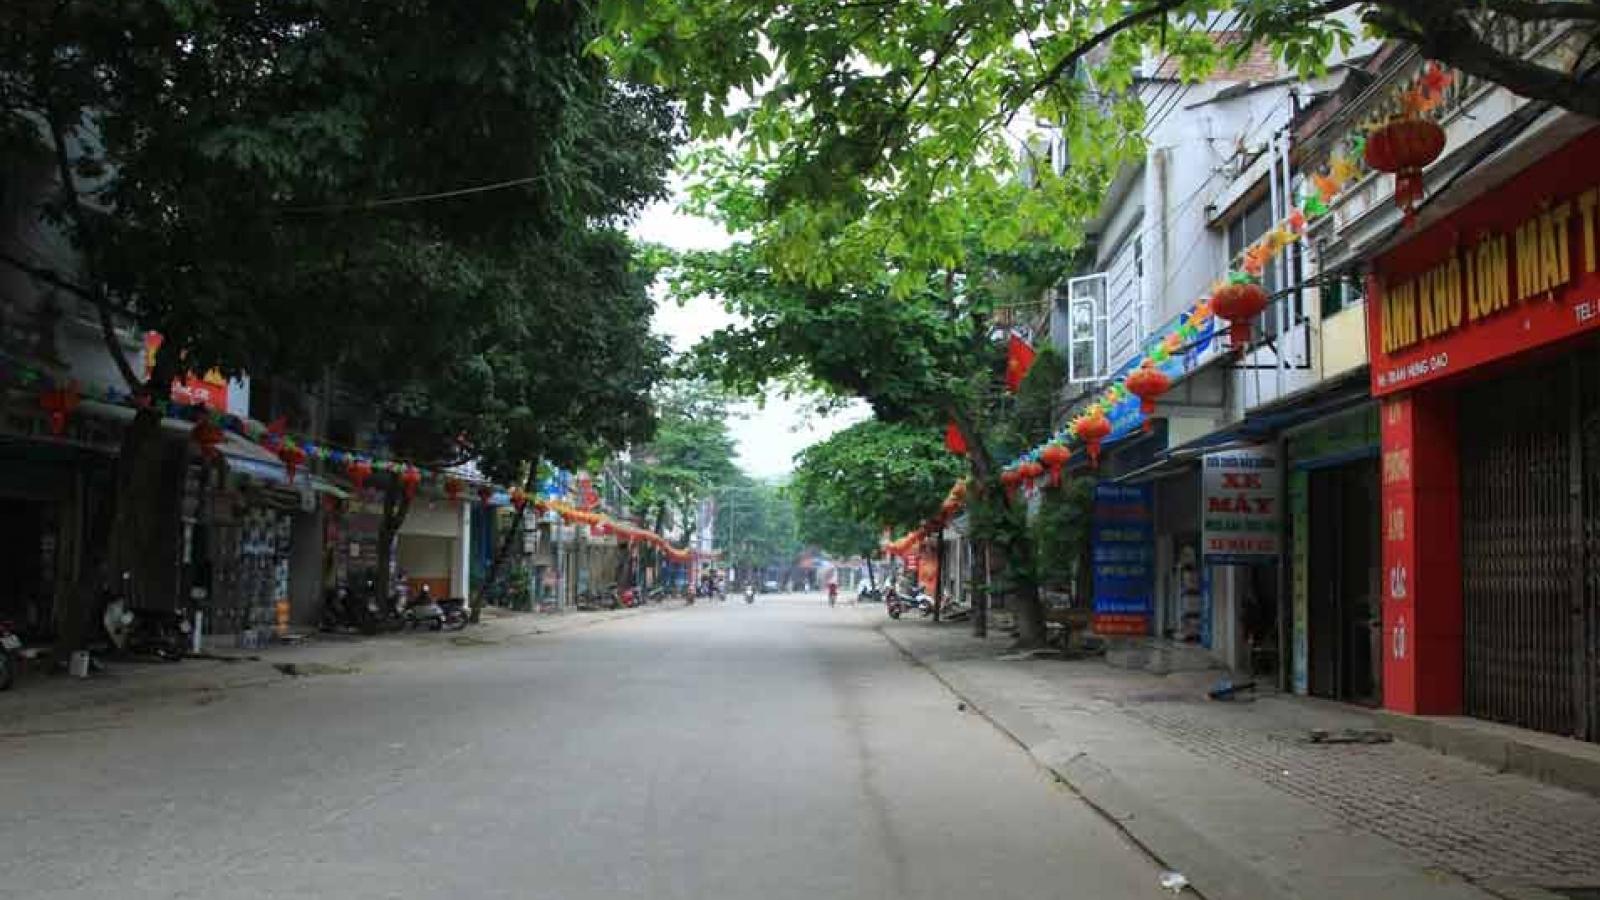 Gỡ phong tỏa các khu vực liên quan đến dịch bệnh Covid-19 ở thị xã Nghĩa Lộ (Yên Bái)